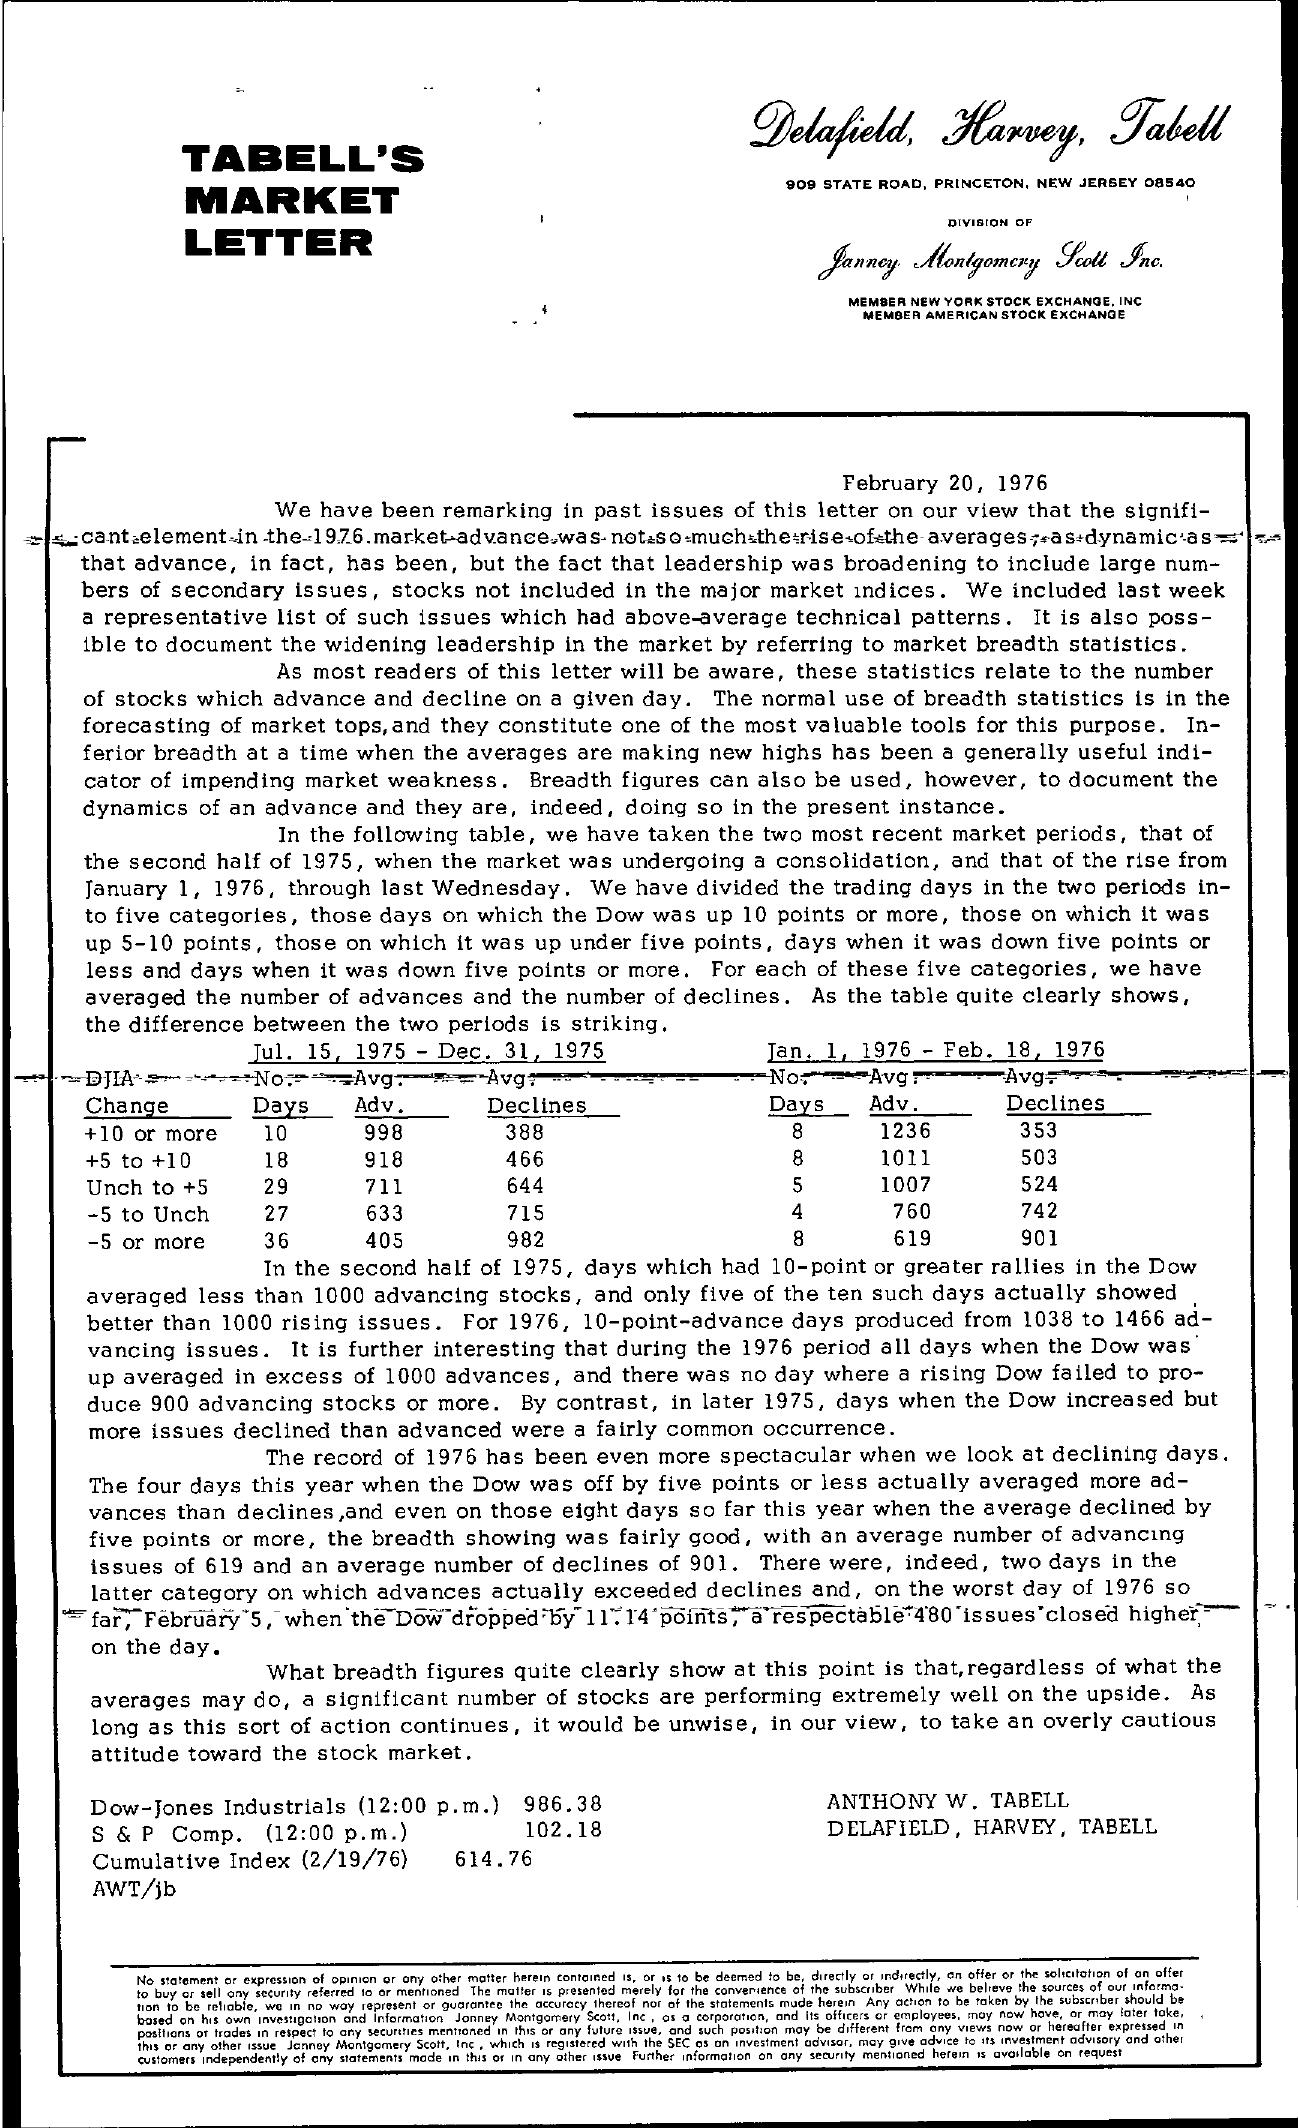 Tabell's Market Letter - February 20, 1976